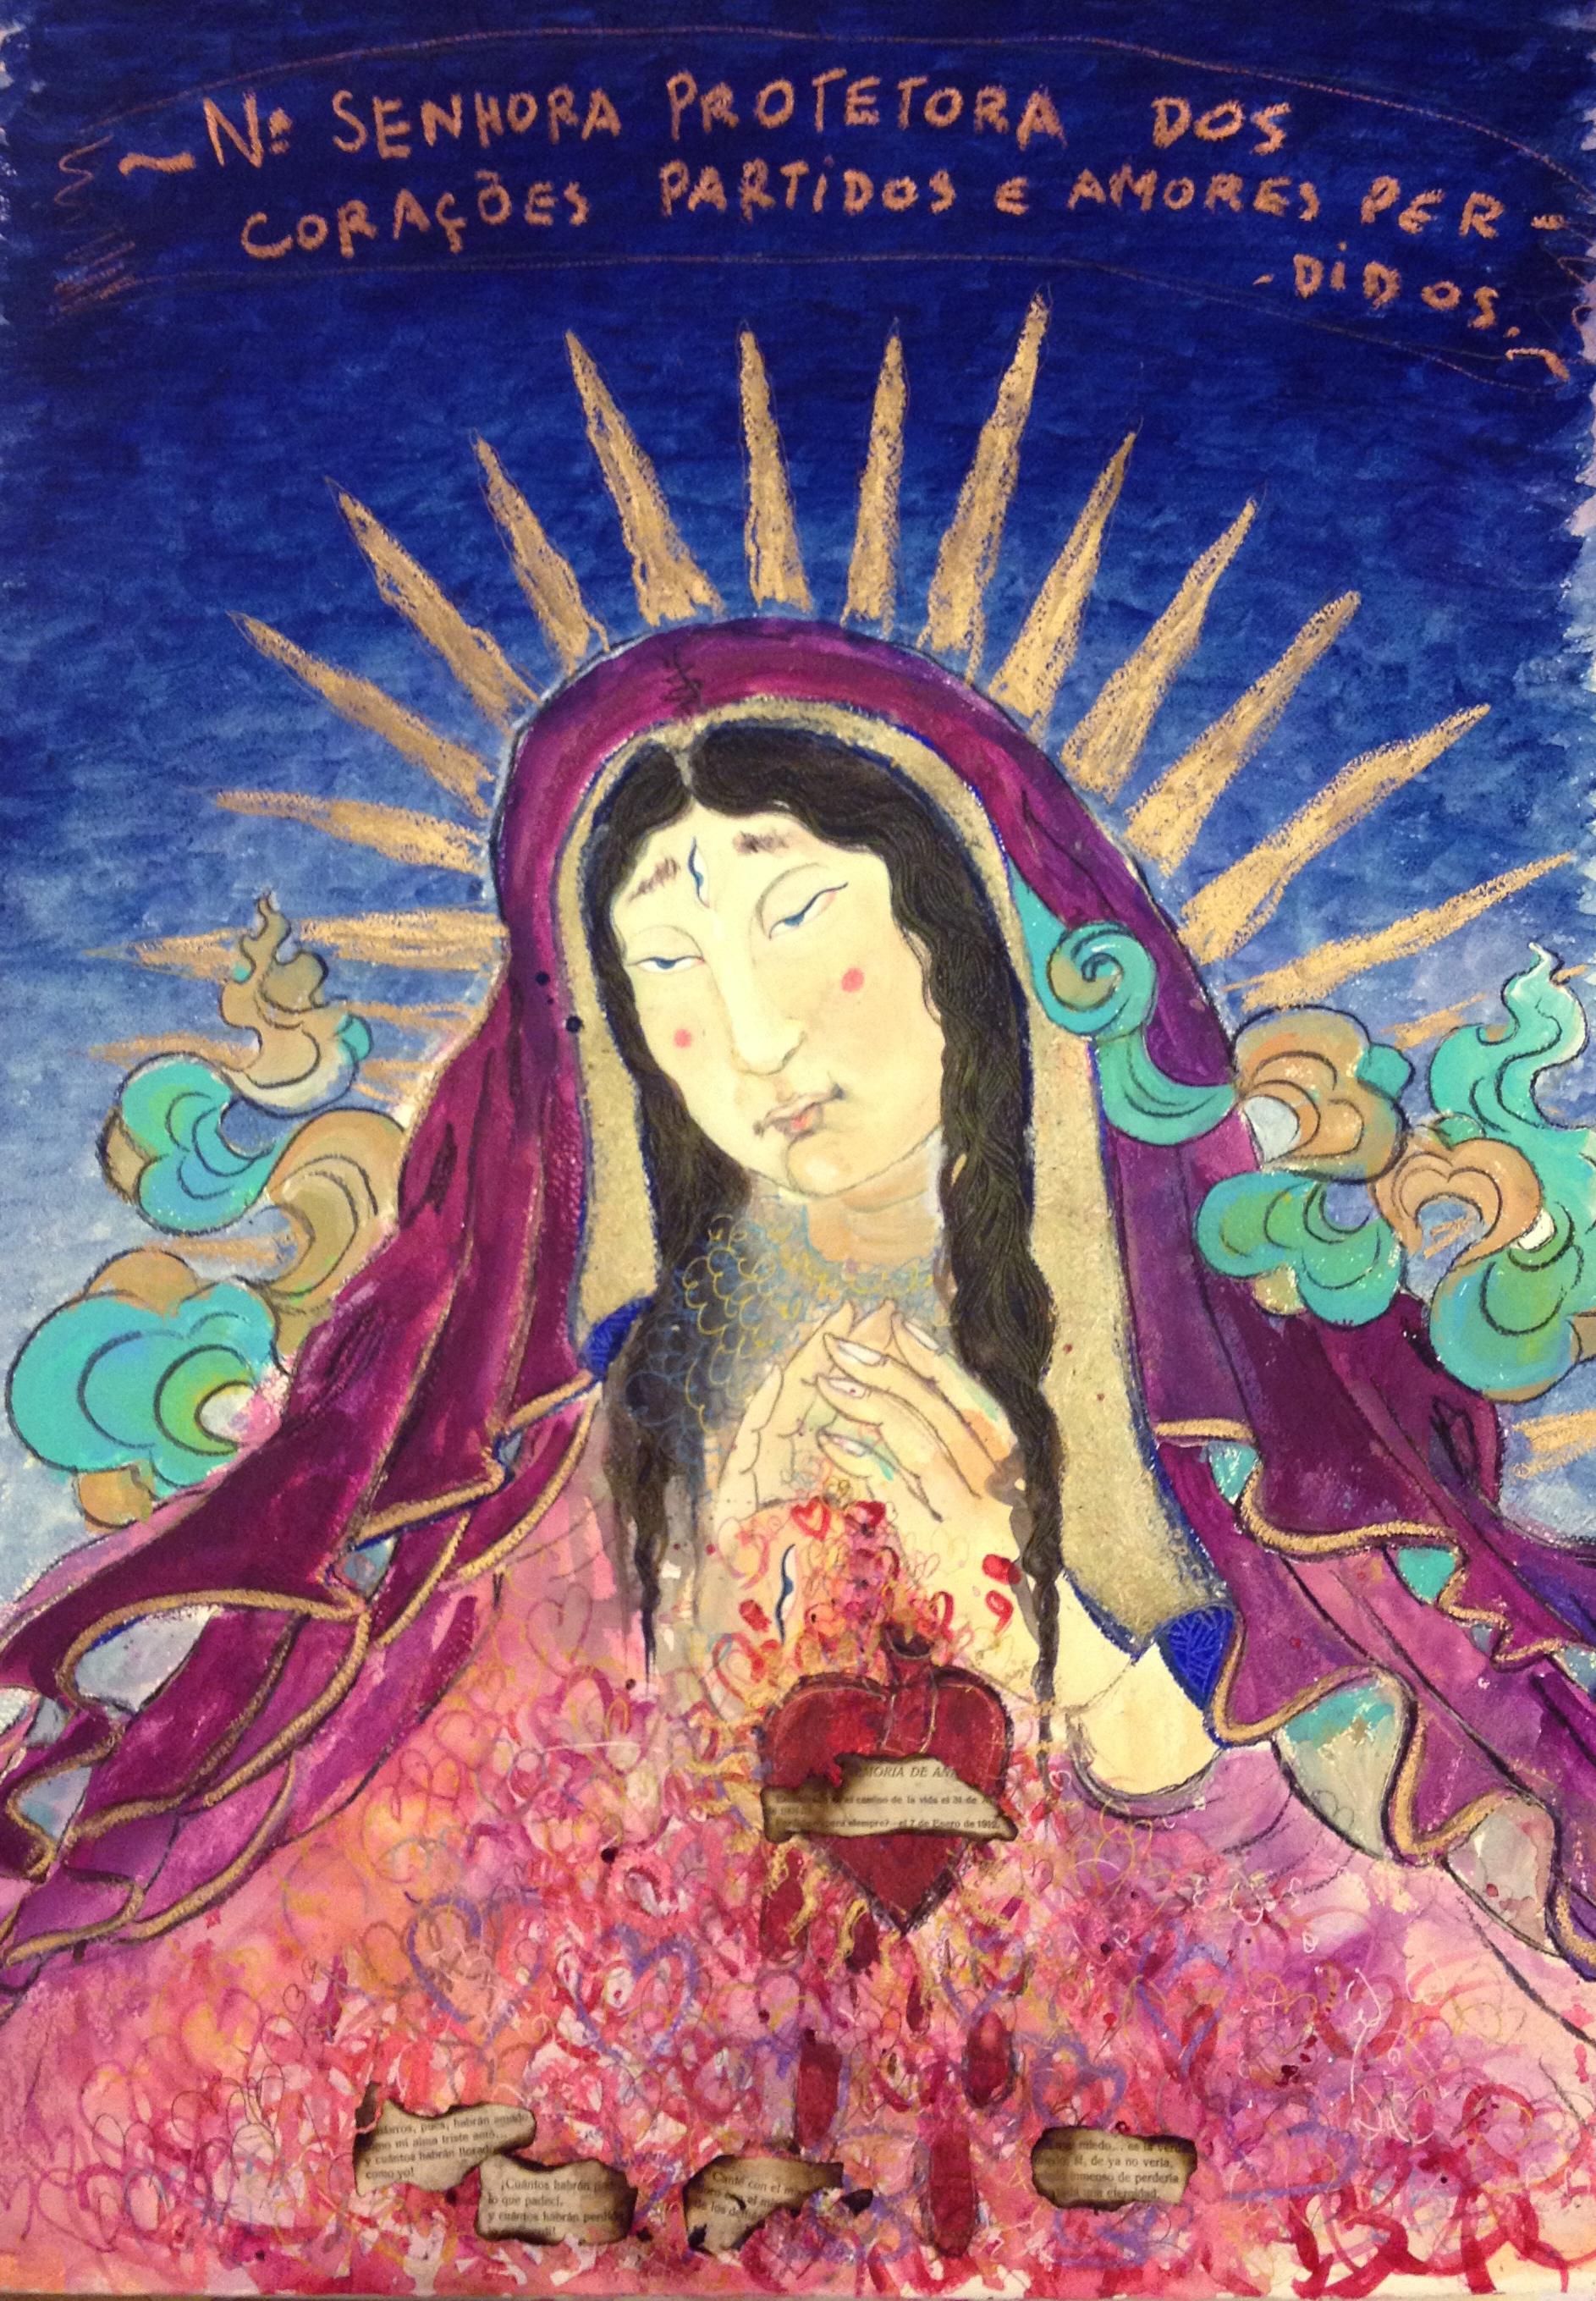 Nsa Senhora Protetora dos Corações Partidos e Amores Perdidos